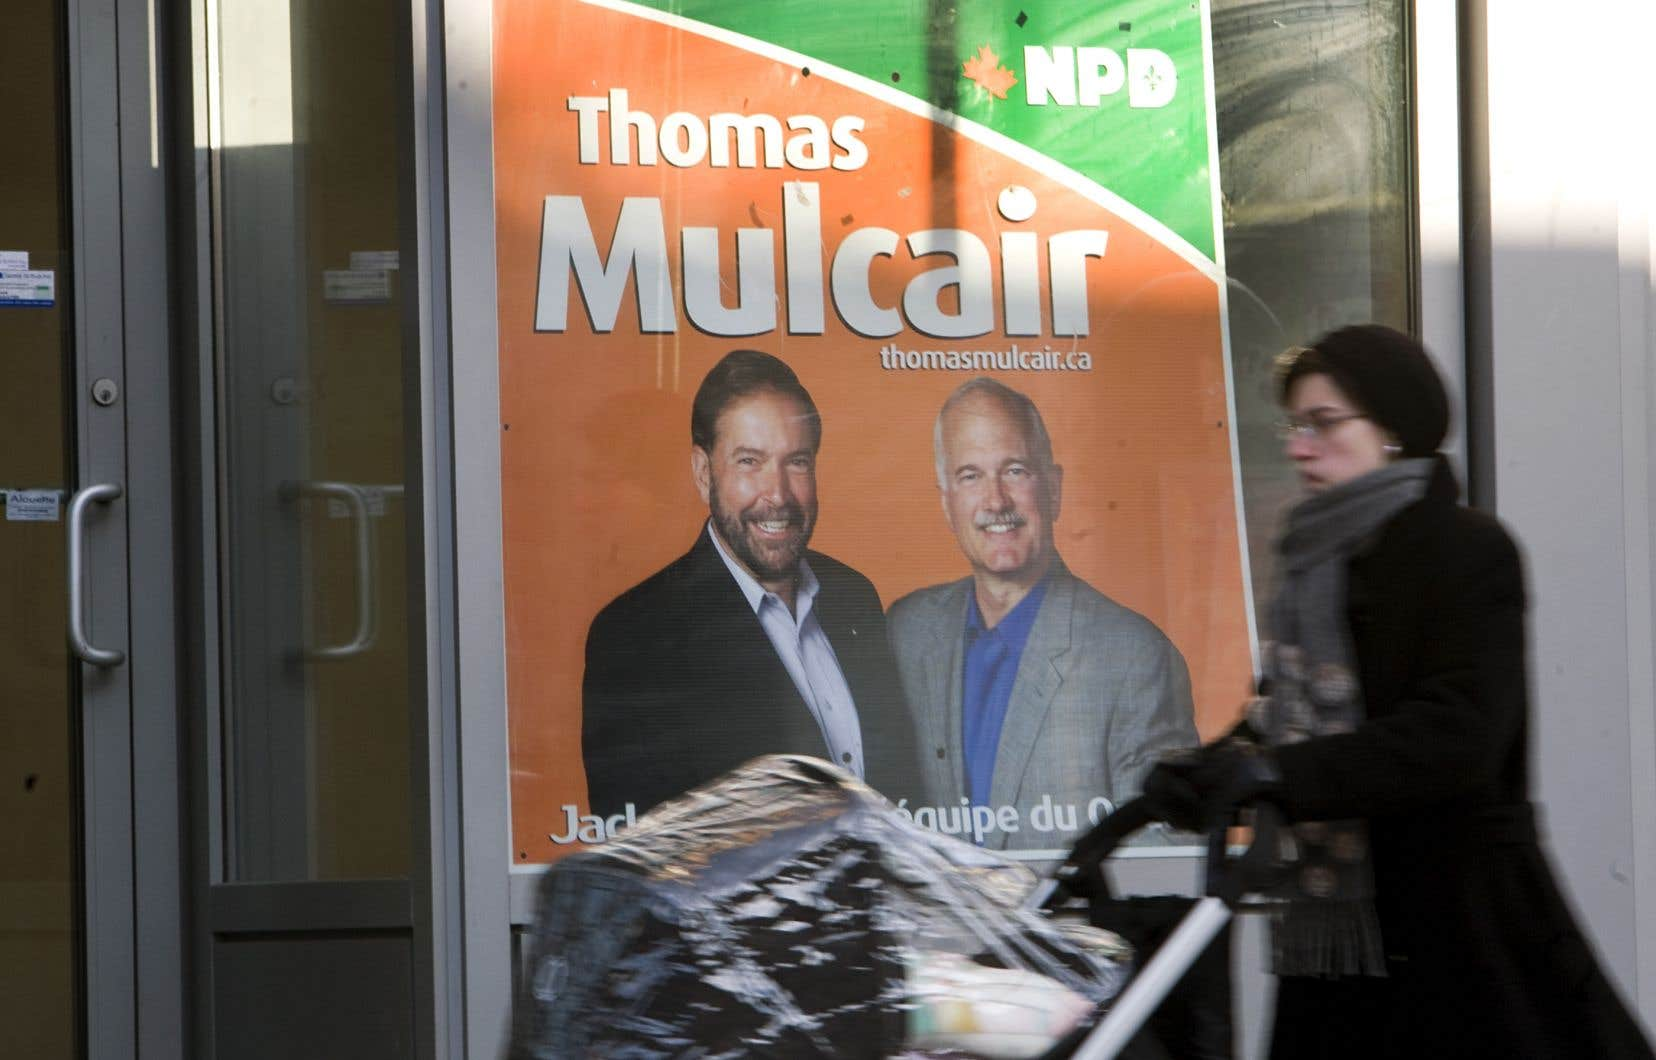 Plusieurs militants québécois du NPD y voient un recul du bilinguisme au sein du parti autrefois dirigé par Jack Layton et Thomas Mulcair.